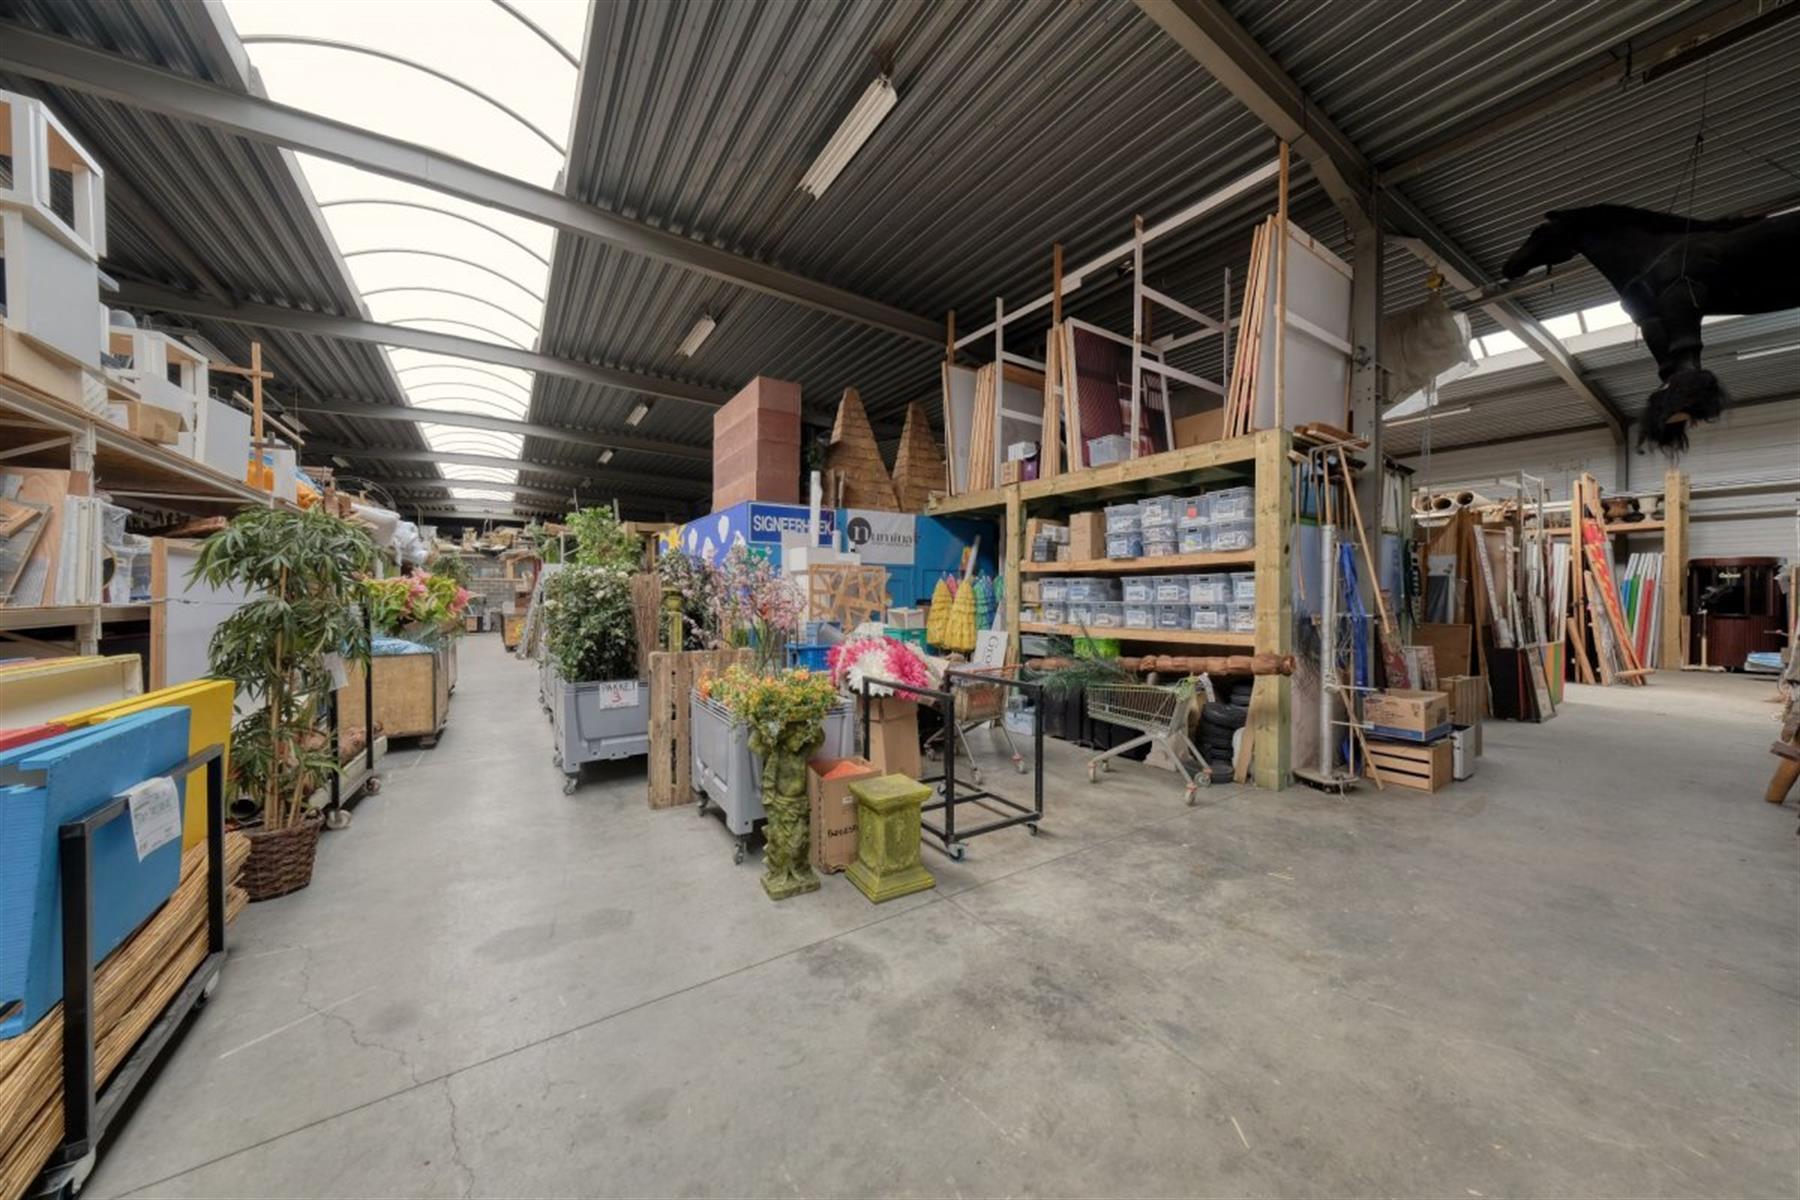 kantoren & magazijn te koop I123 - Magazijn met kantoorruimte - Centrum-Zuid 3203, 3530 Houthalen-Helchteren, België 7